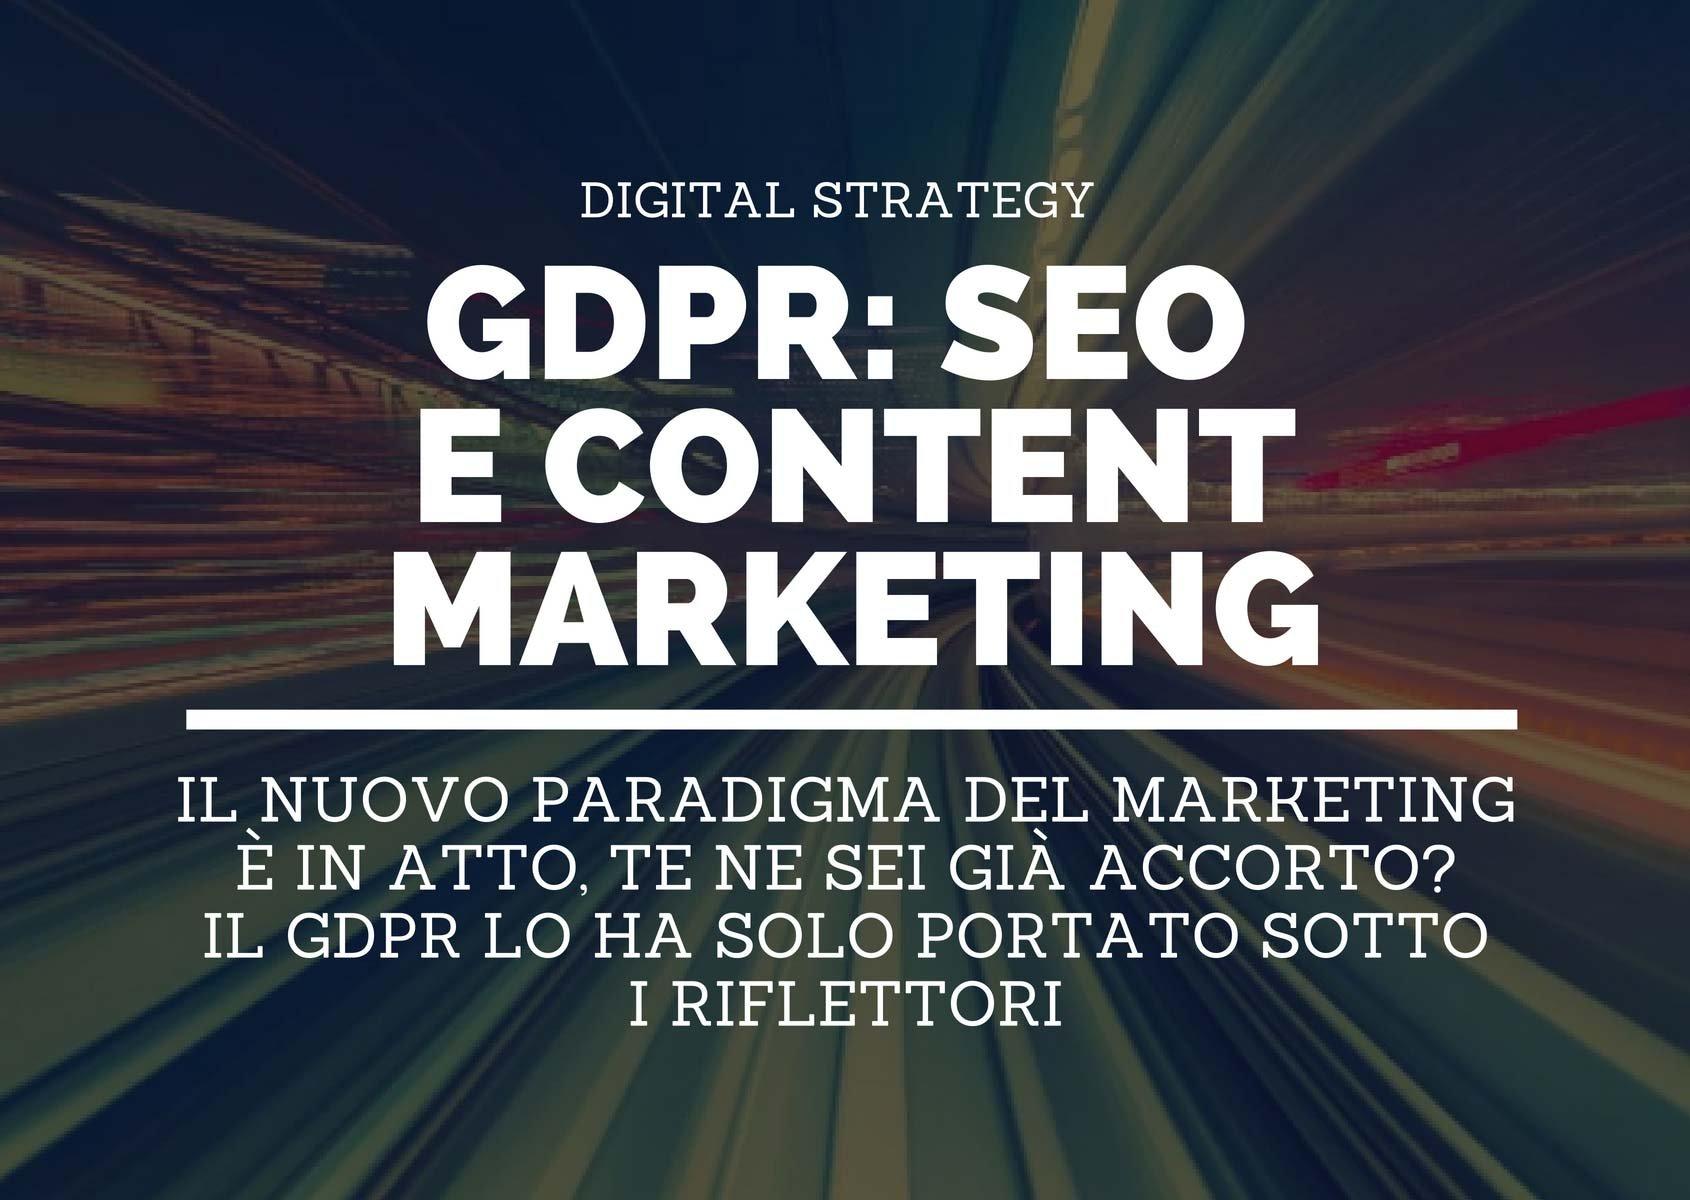 GDPR: perché SEO e content marketing diventeranno le tue attività più importanti